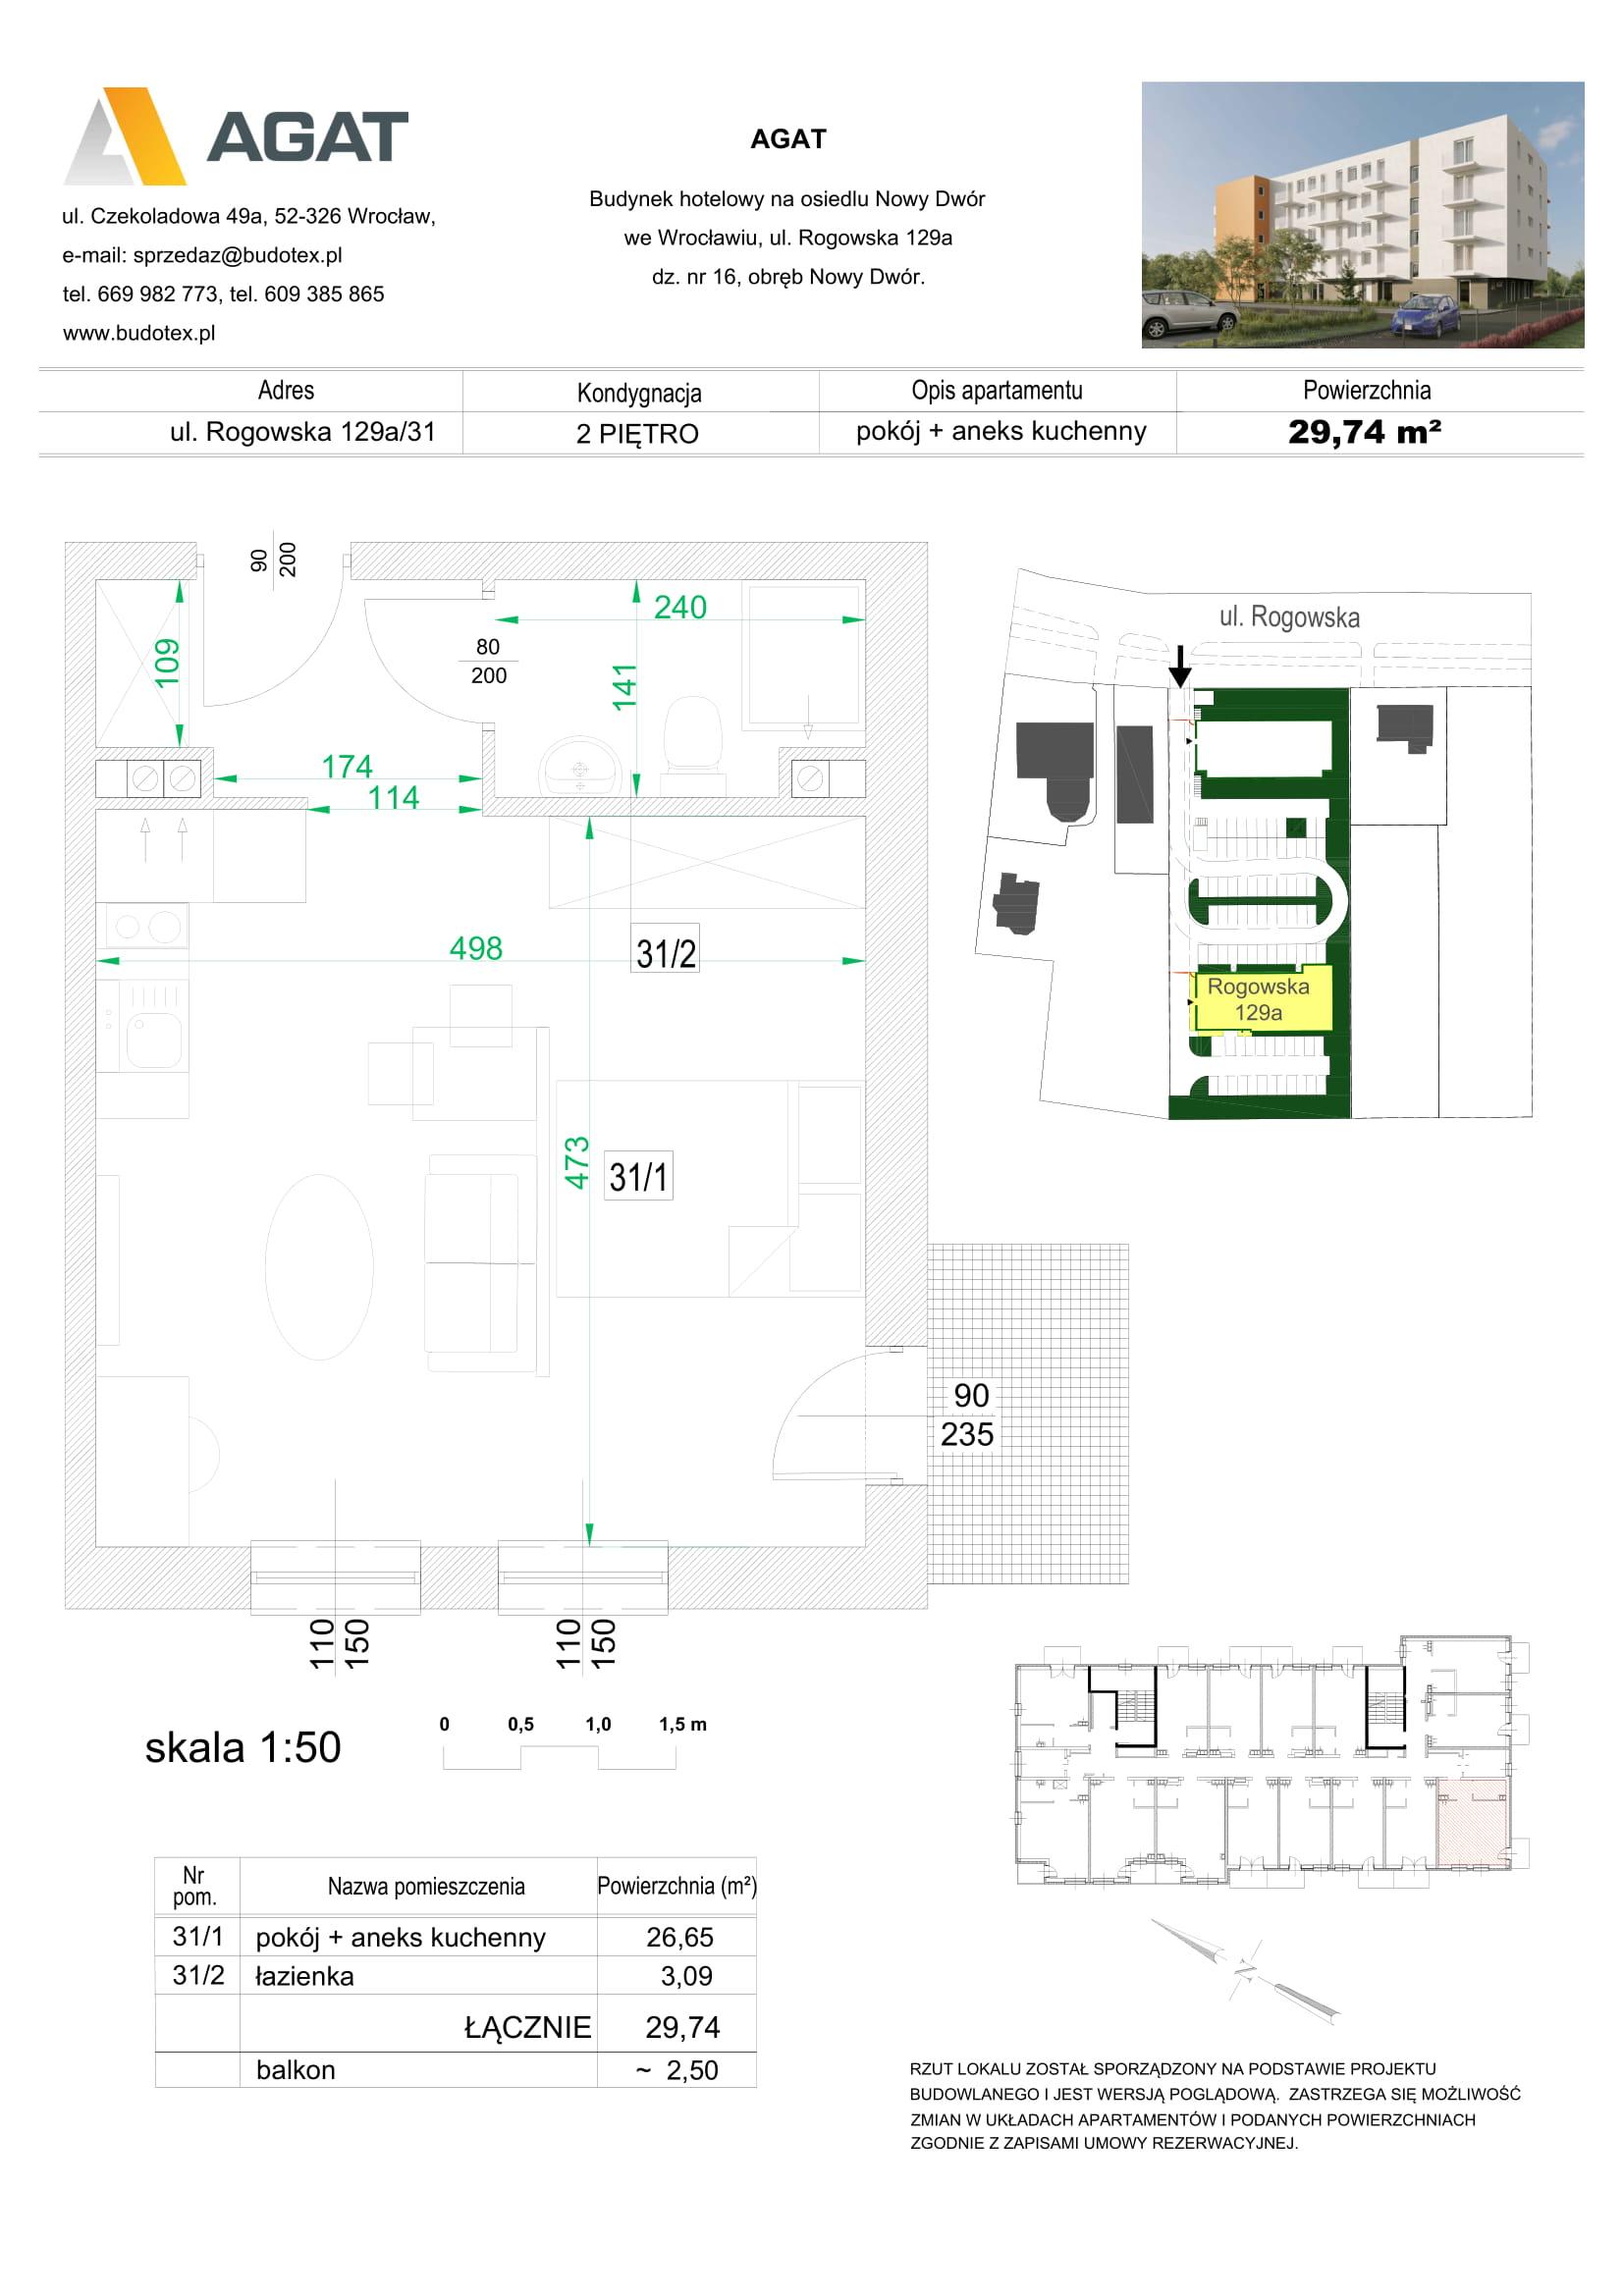 Mieszkanie nr 31